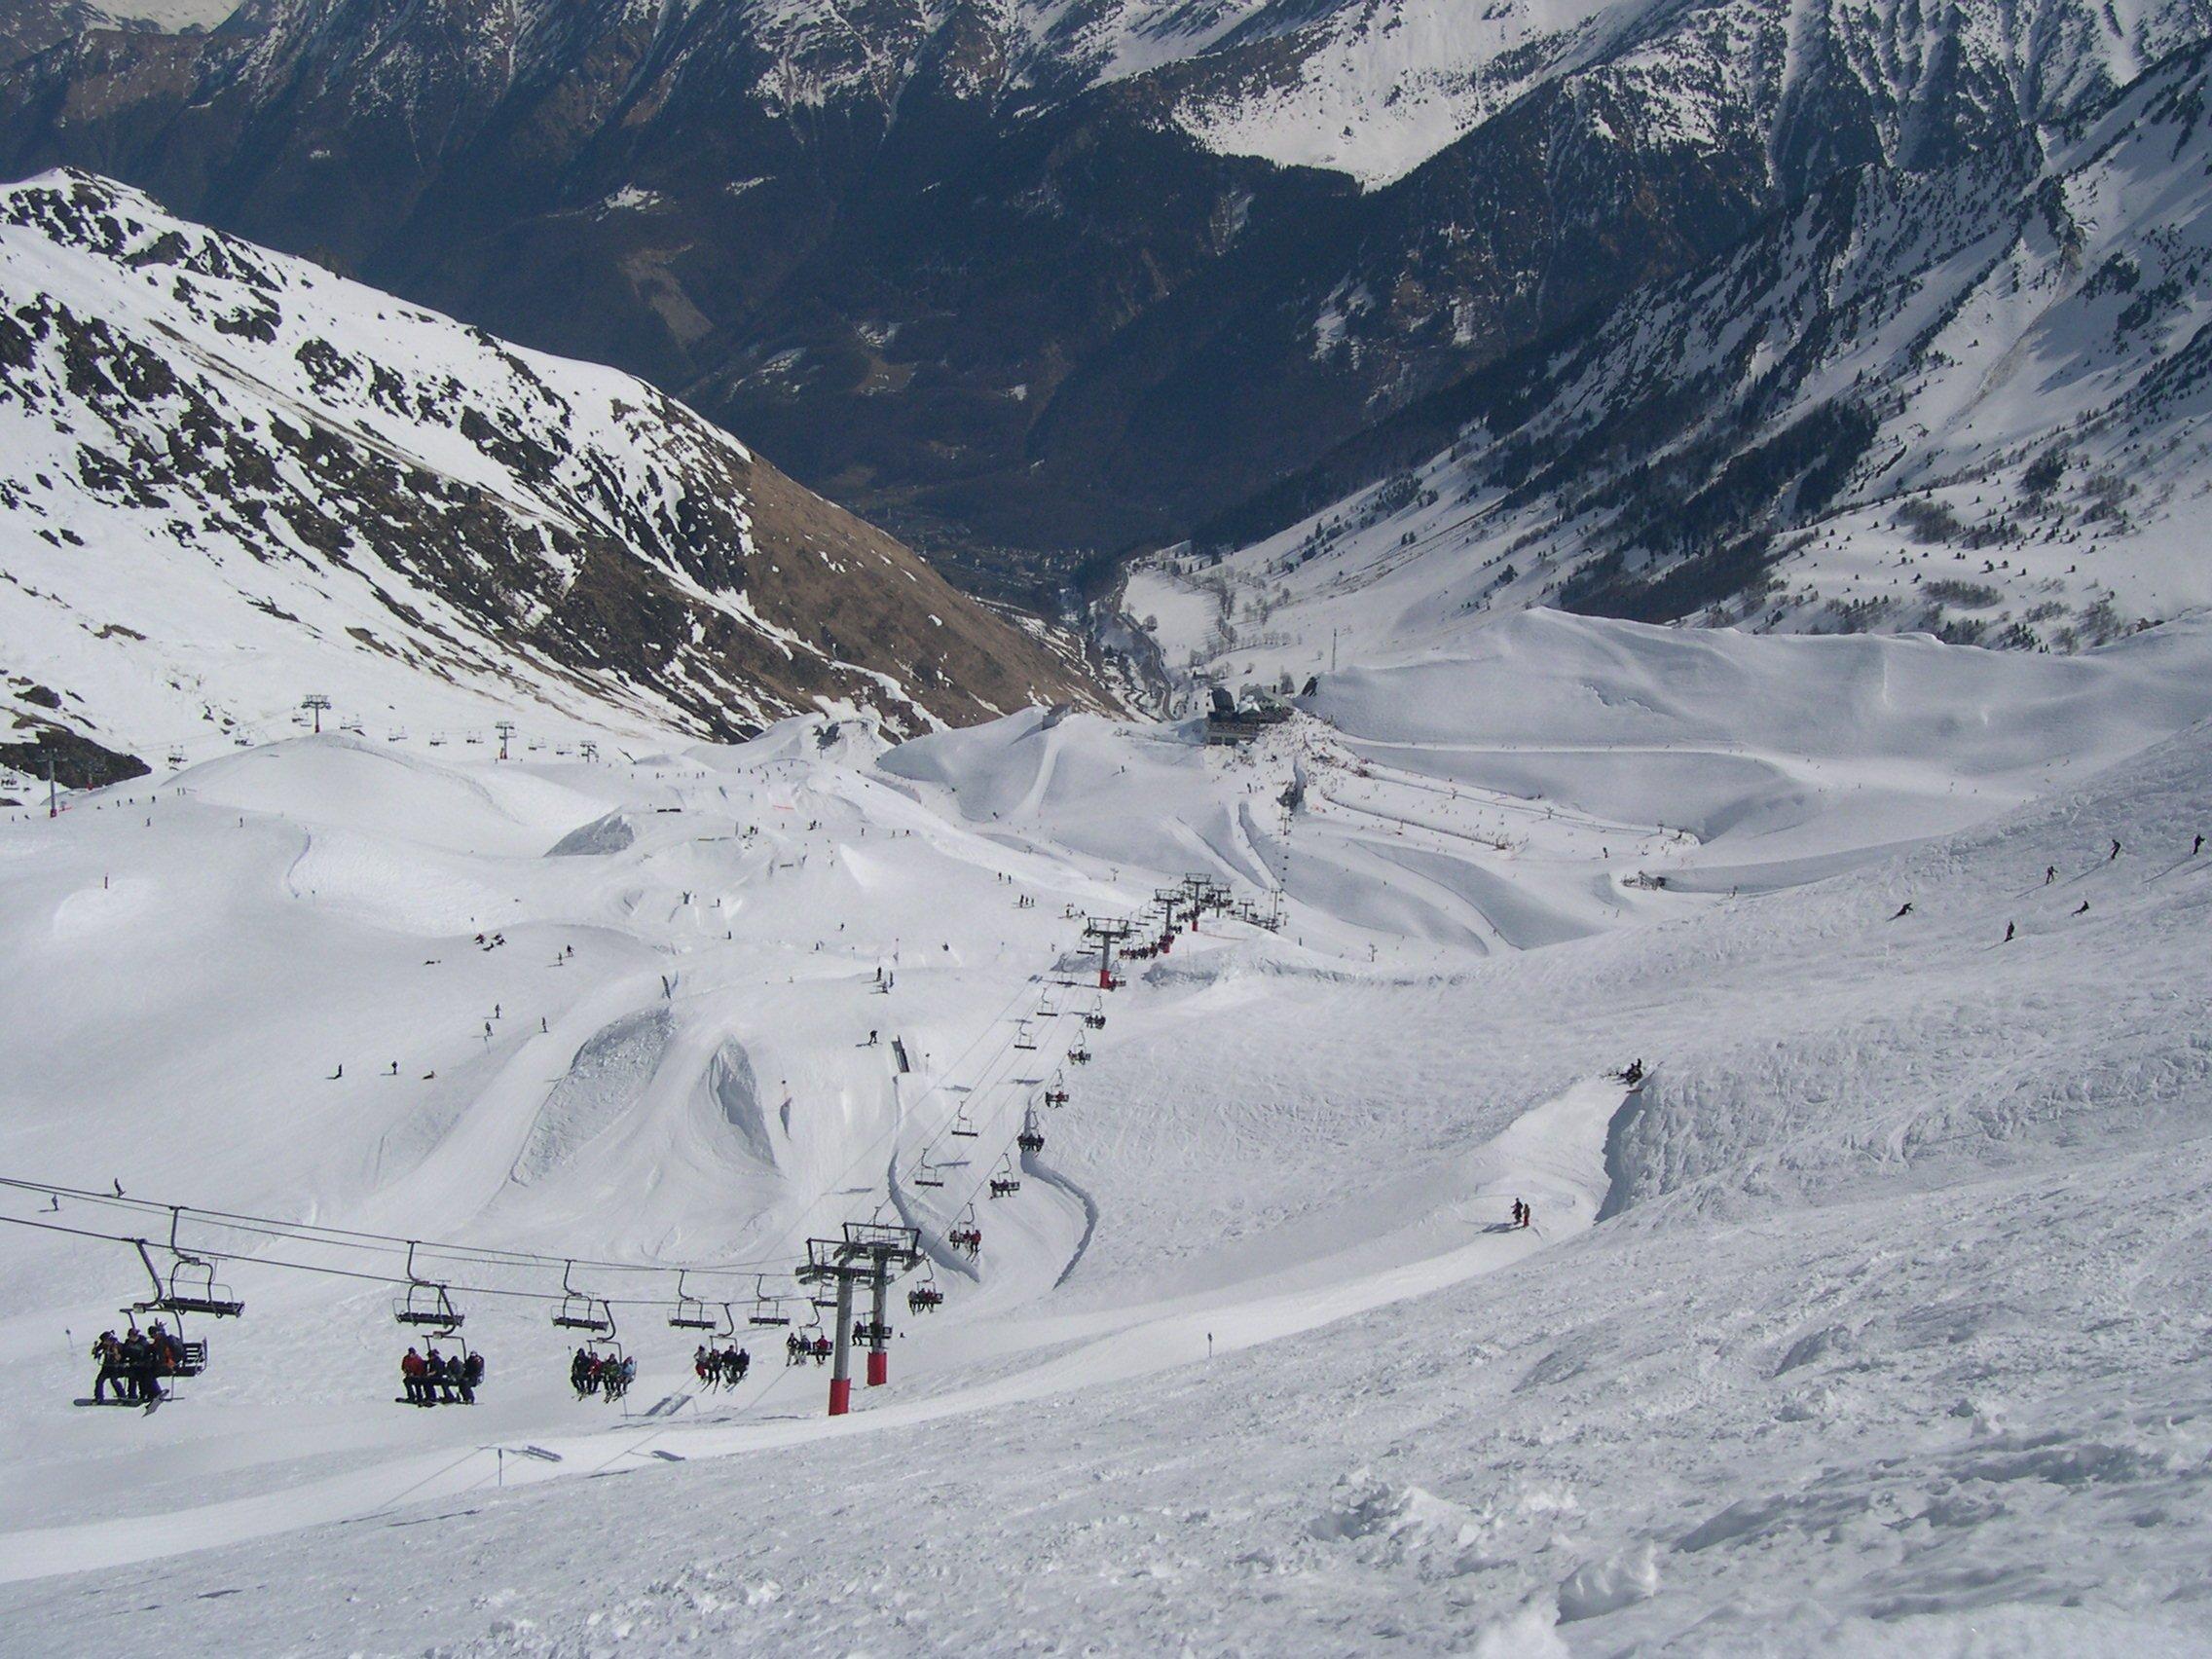 Appartement à louer à Cauterets dans les Pyrénées (65) » Ski et autres activités (randonnée, vtt ...